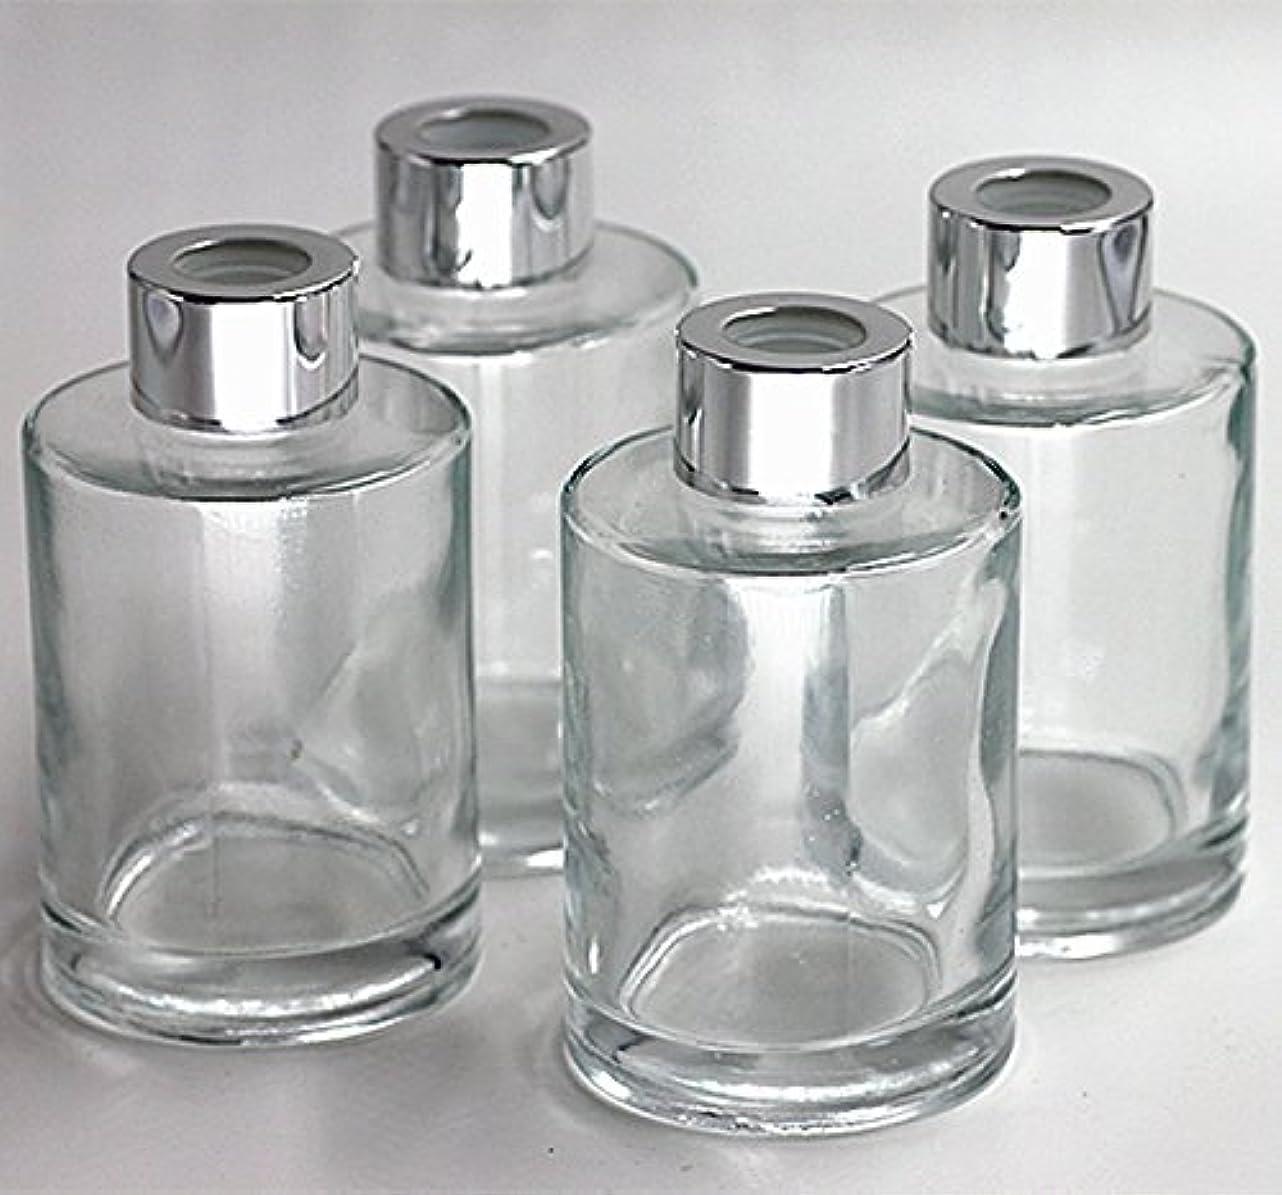 風変わりなストリーム原始的なFeel Fragrance リードディフューザー用 リードディフューザーボトル 容器 透明 蓋付き 4本セット120ML円形 (GB-120)